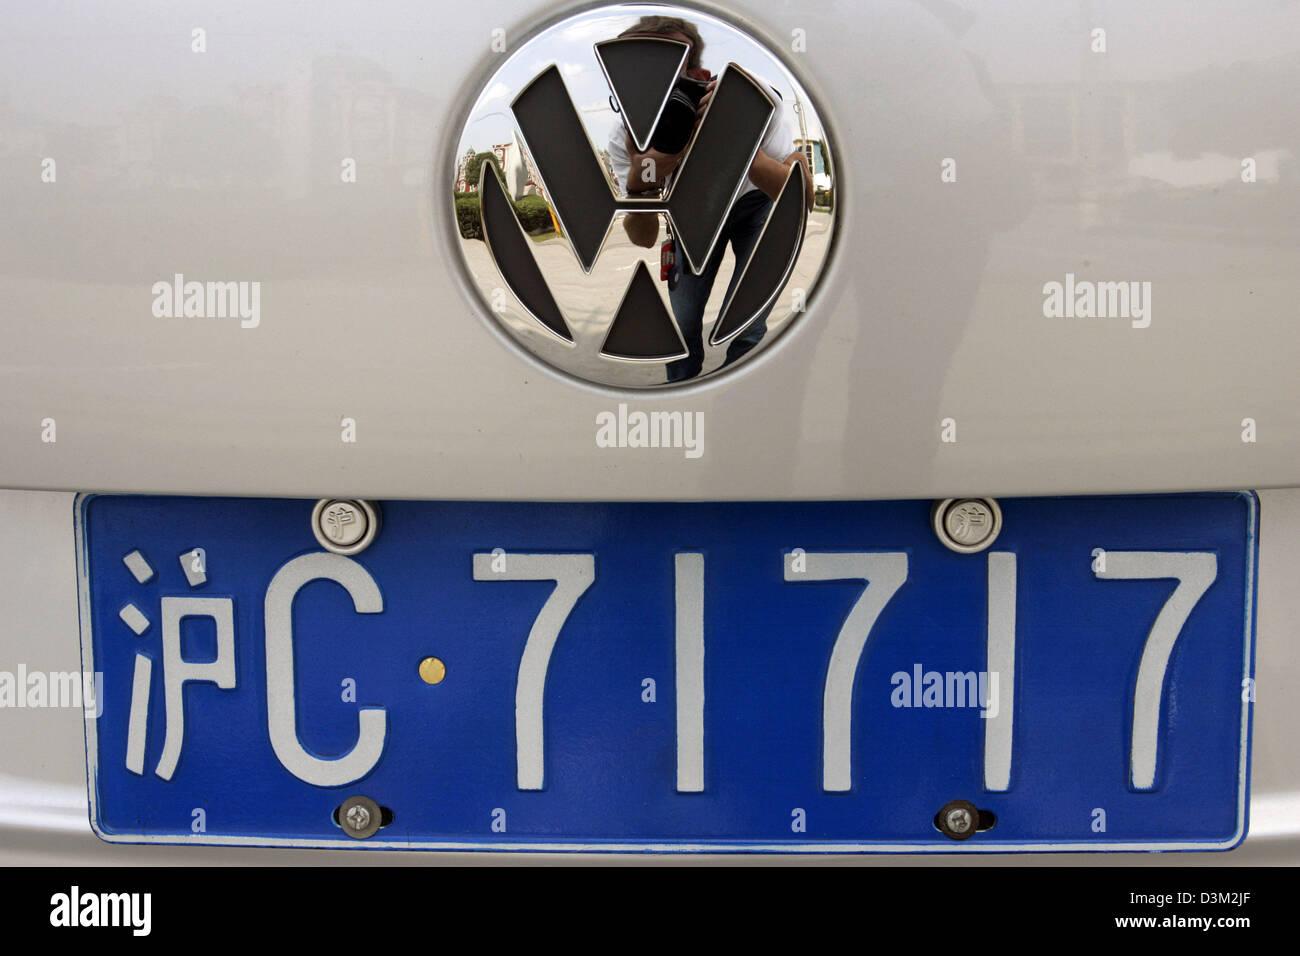 Economy Business Finance Ebf Transport Logo Vw Volkswagen China